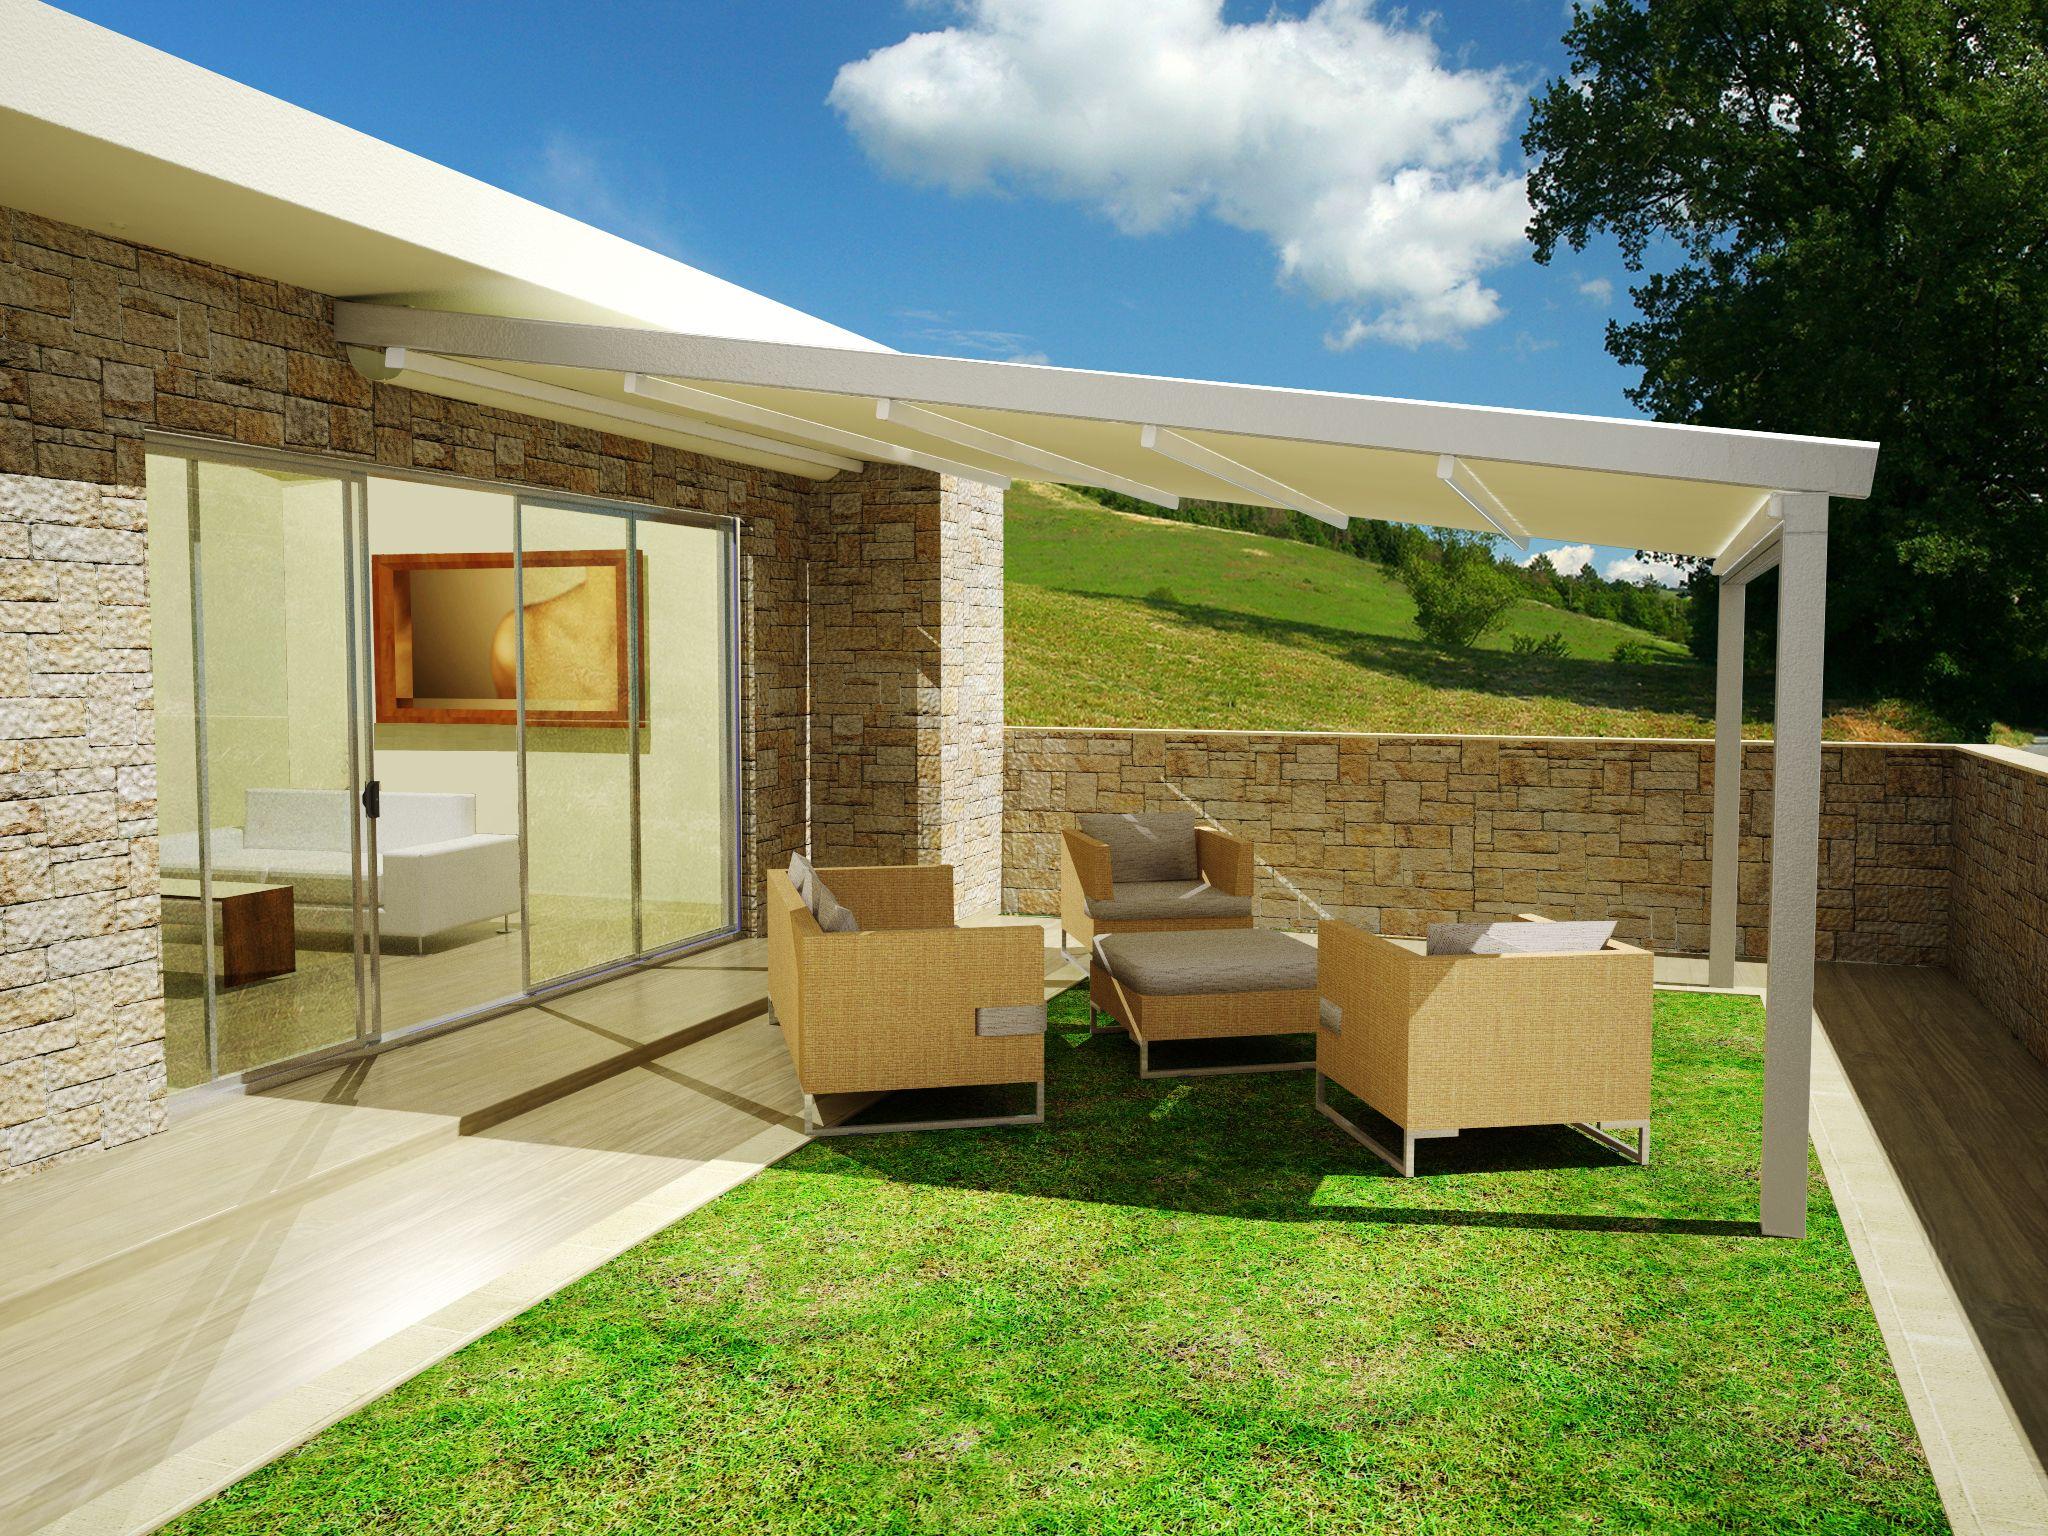 Boomerang fa3 struttura ombreggiante in alluminio - Tenda da tetto oasis ...